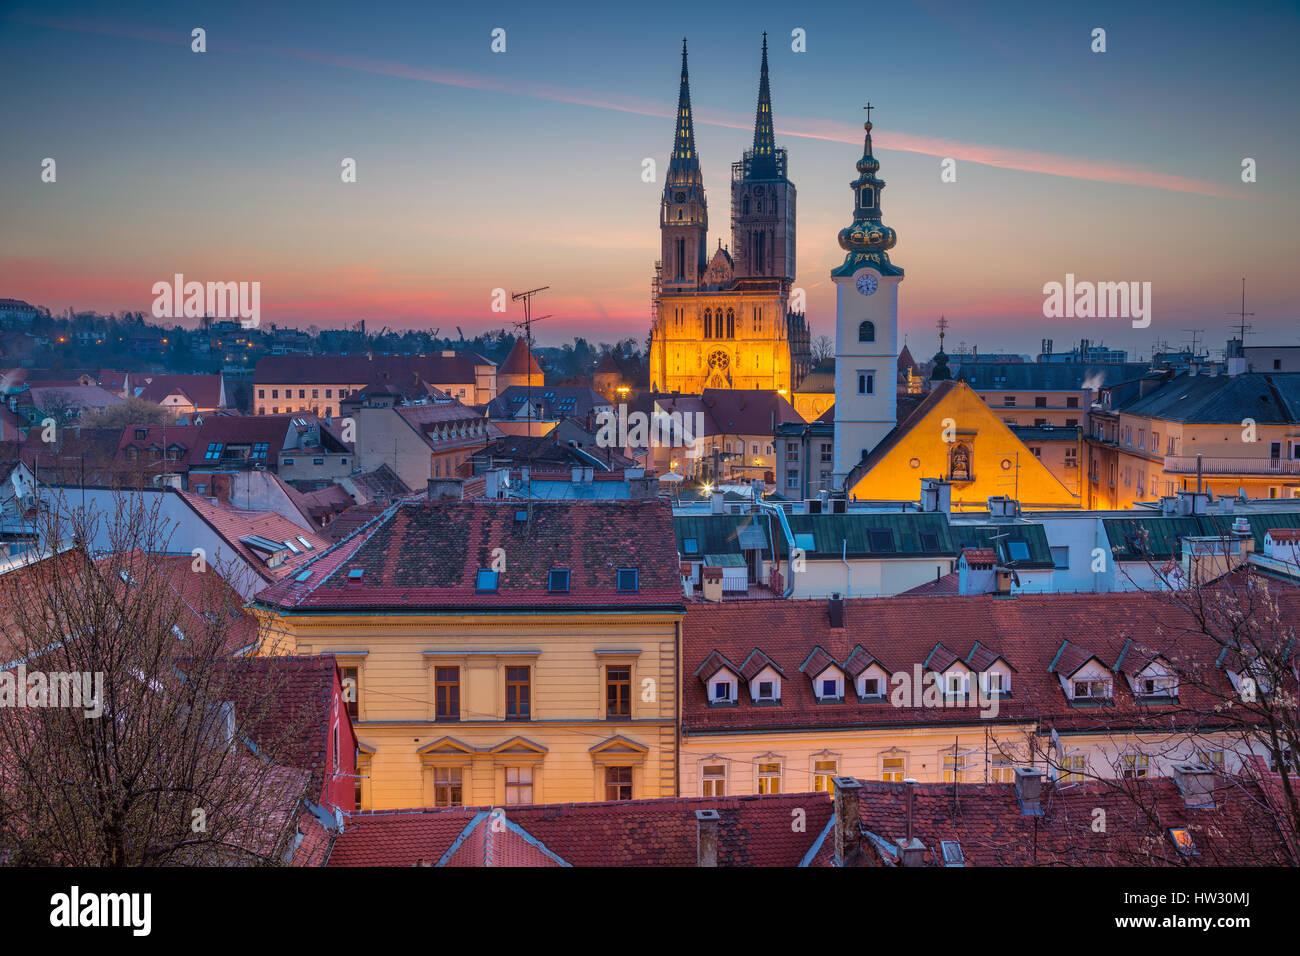 Zagreb. Stadtbild Bild von Zagreb, Kroatien während der blauen Dämmerstunde. Stockbild